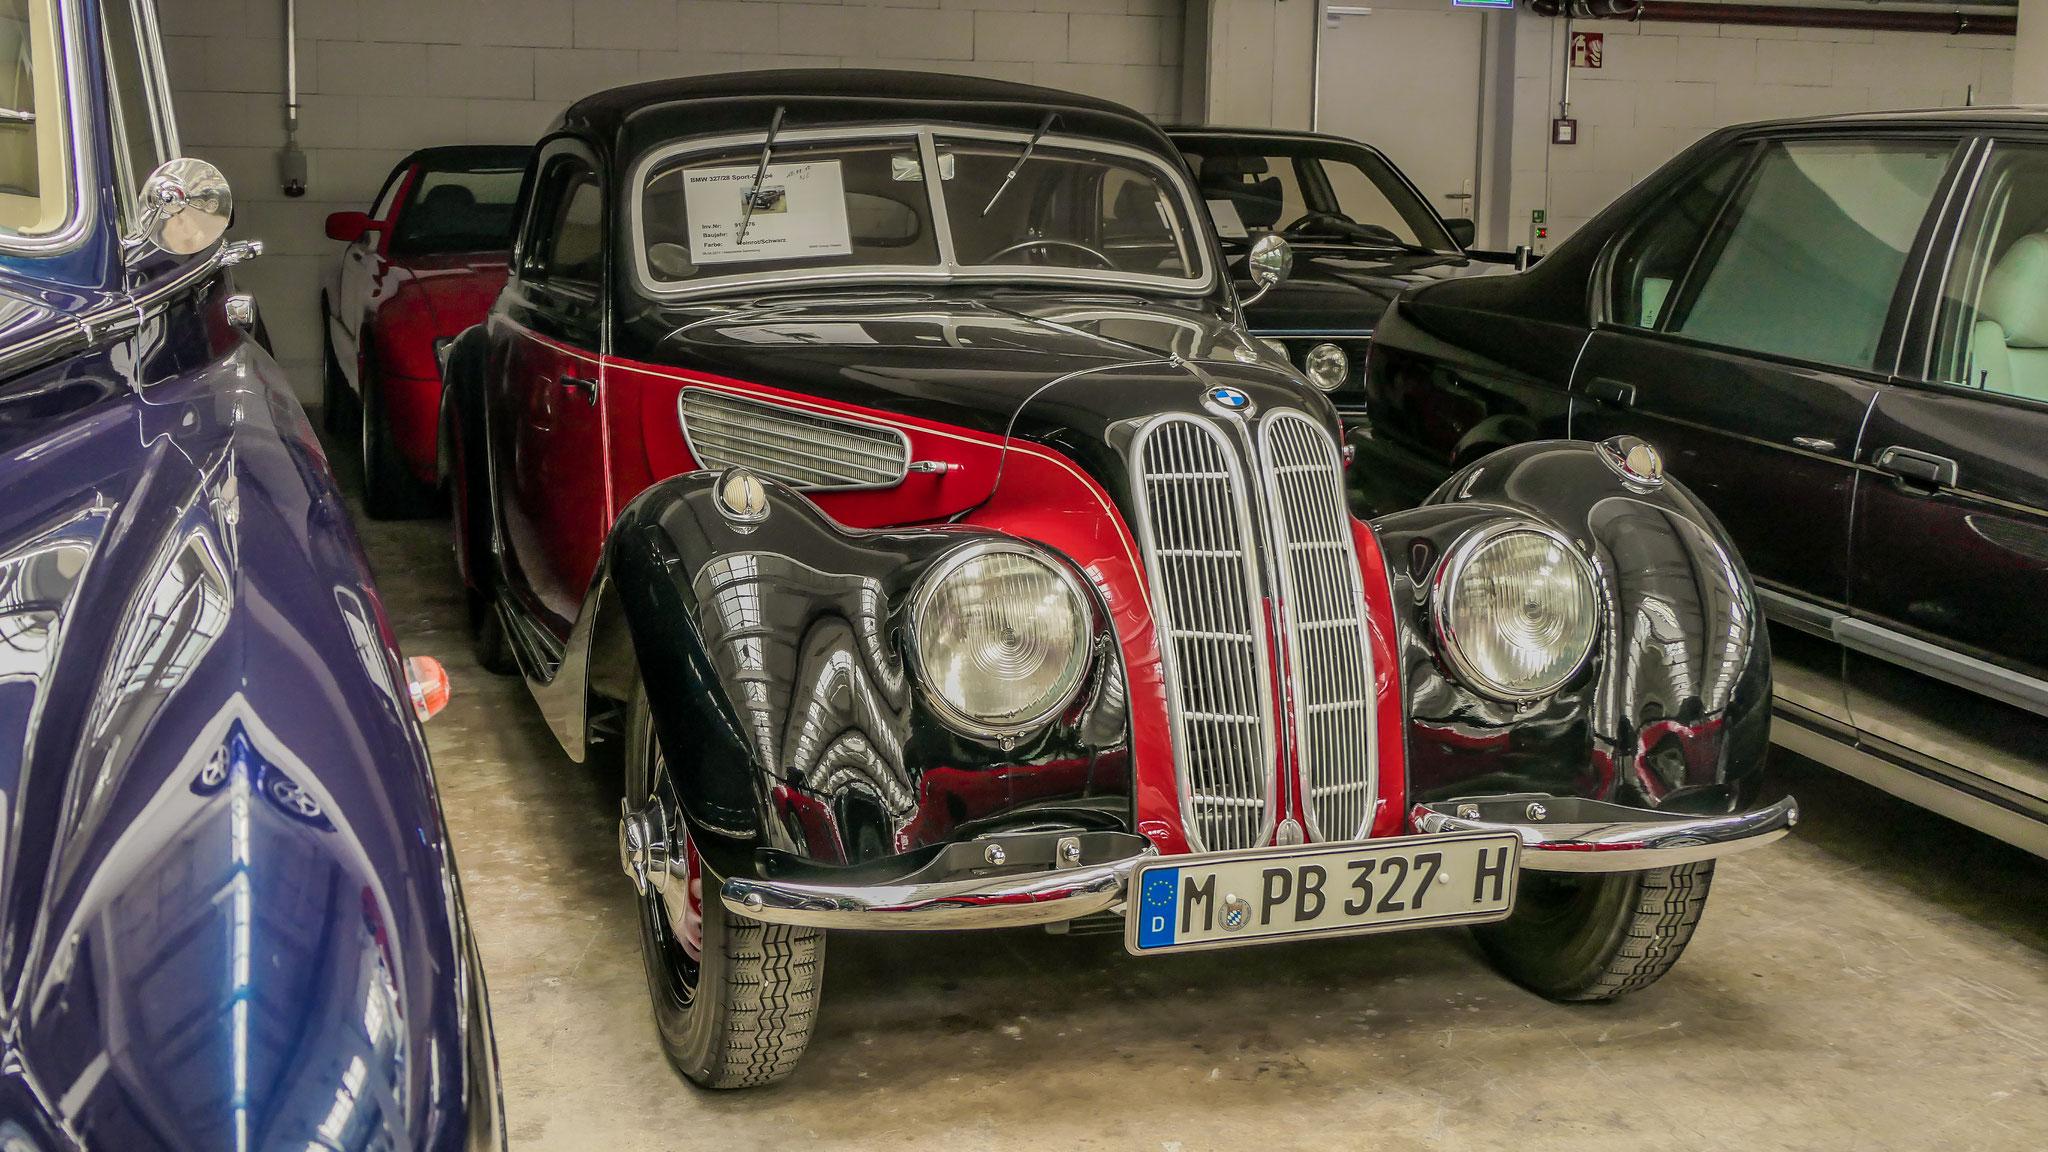 BMW 327/28 Sport-Coupé - M-PB-327H